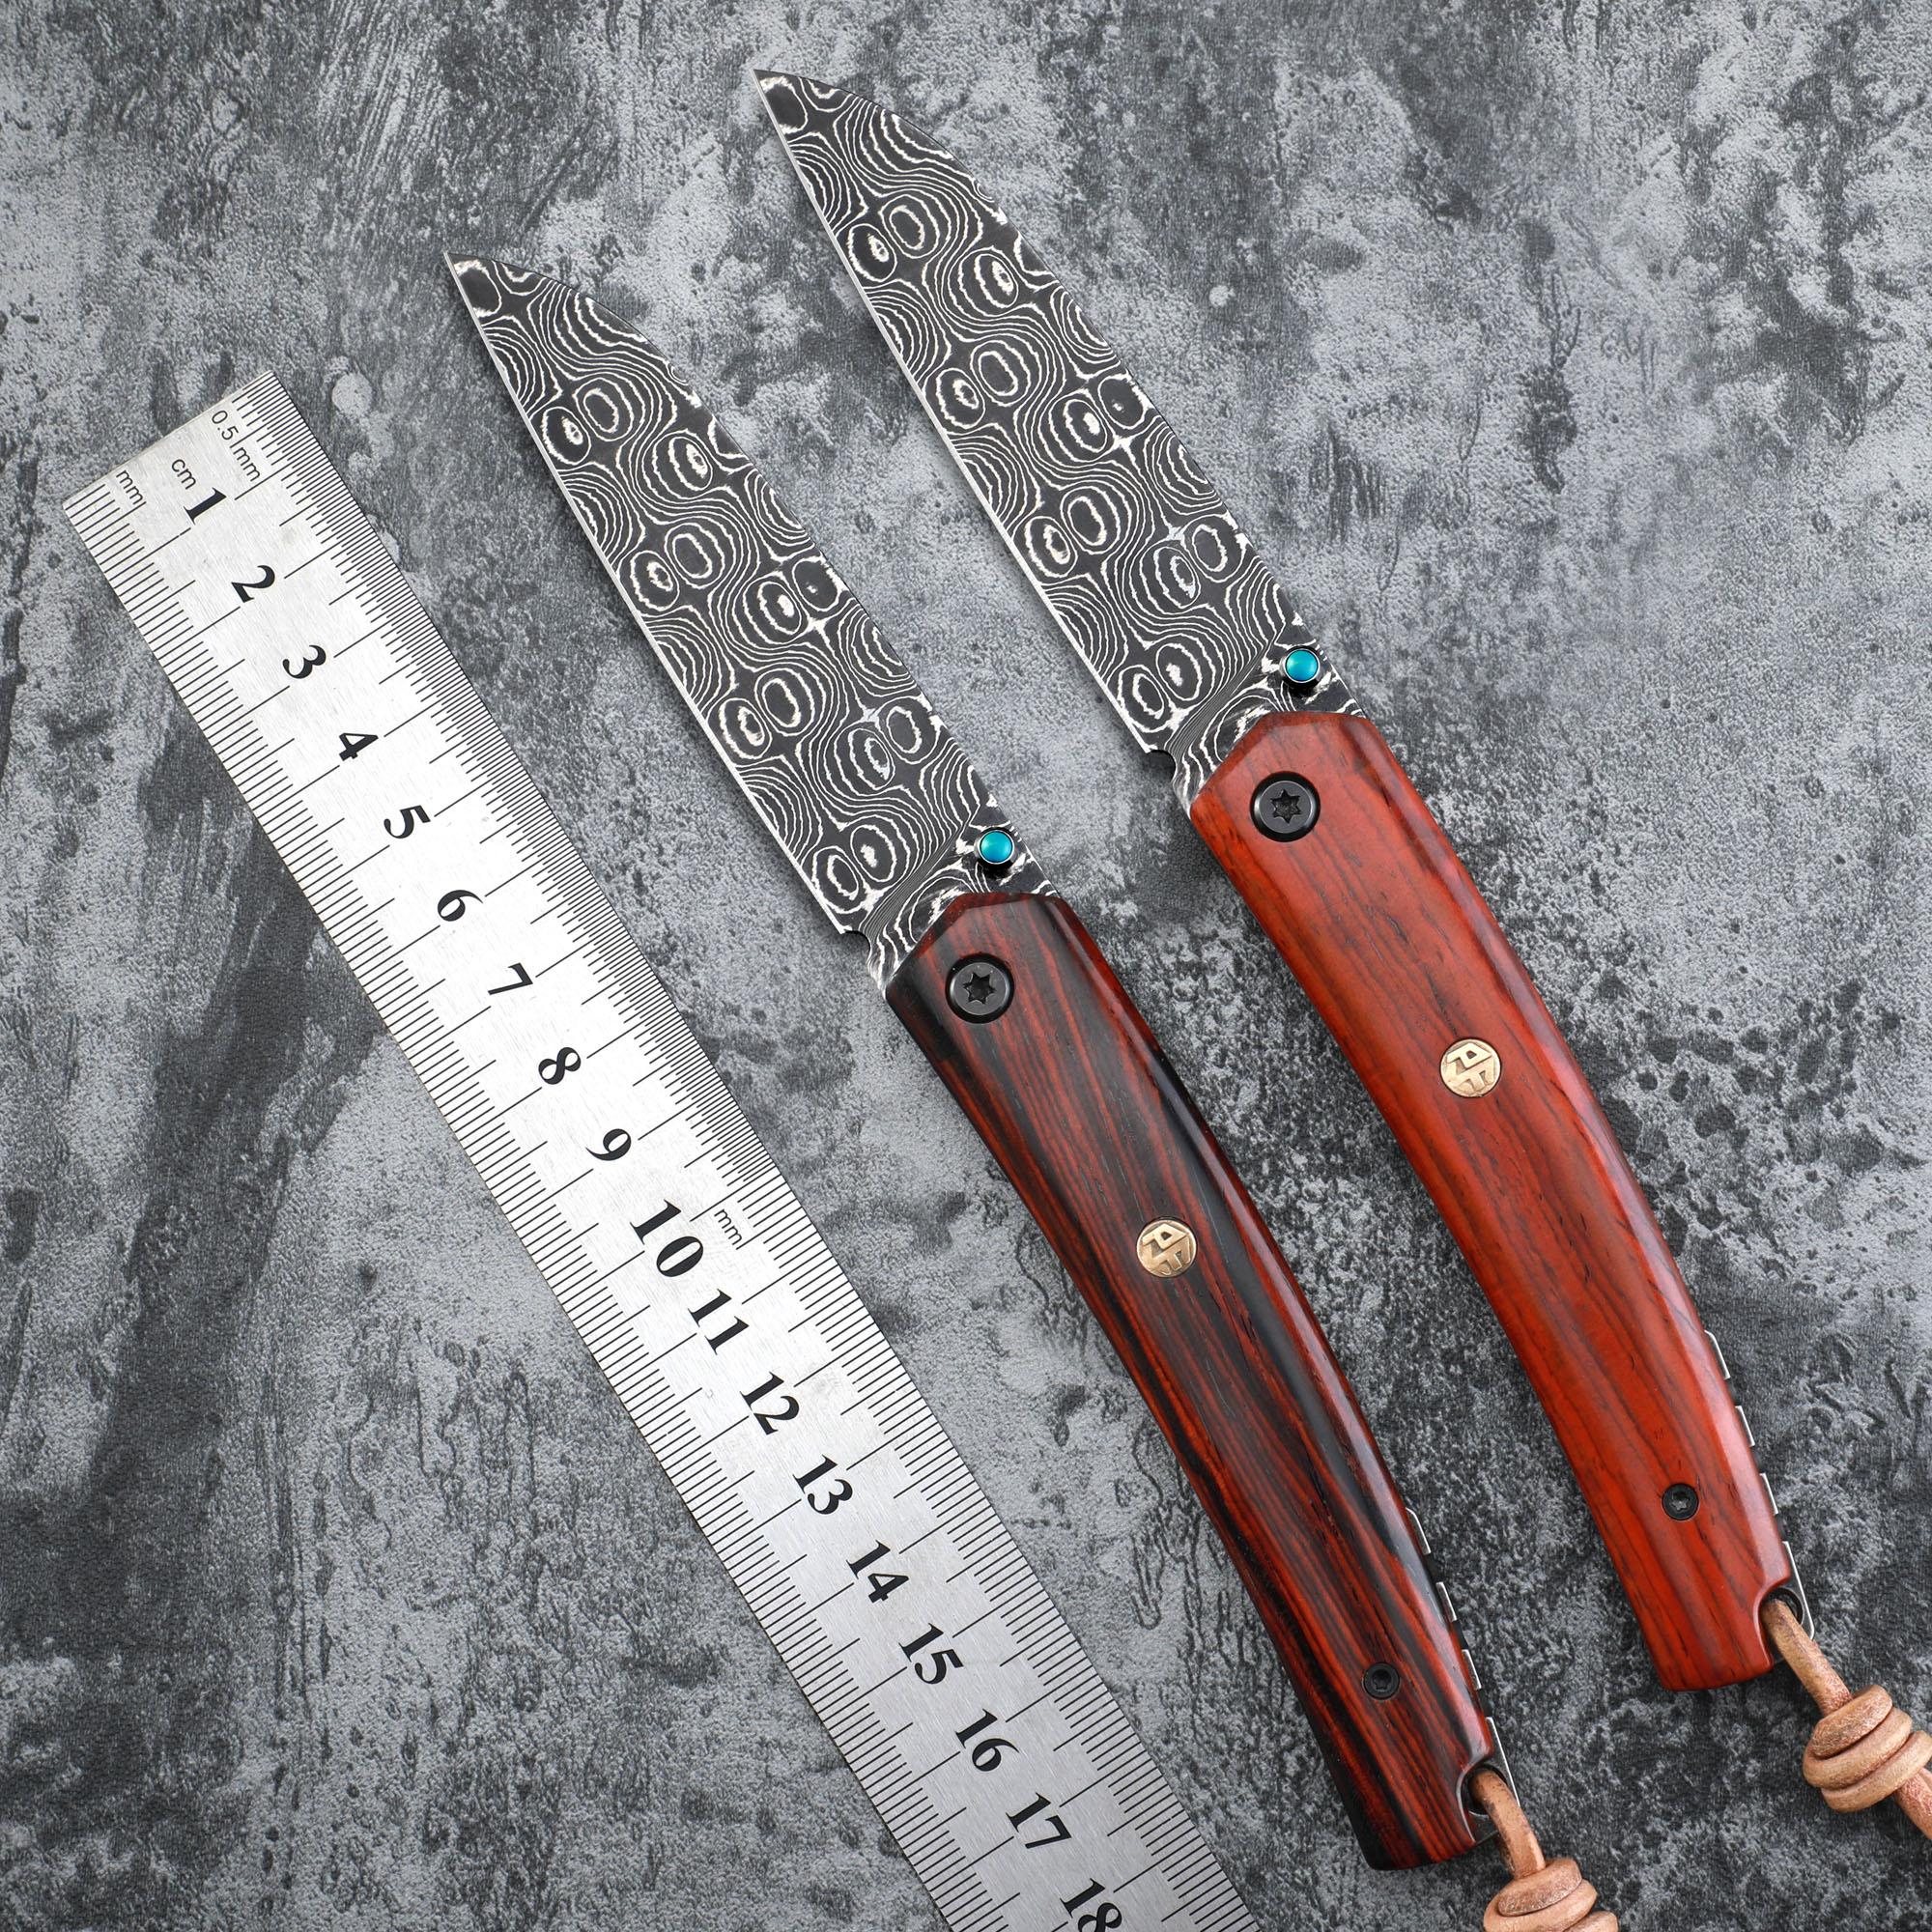 الأصلي محجر الأسماك PF719DM الكرة تحمل شفرة دمشق الصلب مقبض خشبي سكين للفرد في الهواء الطلق التخييم edc سكاكين الجيب